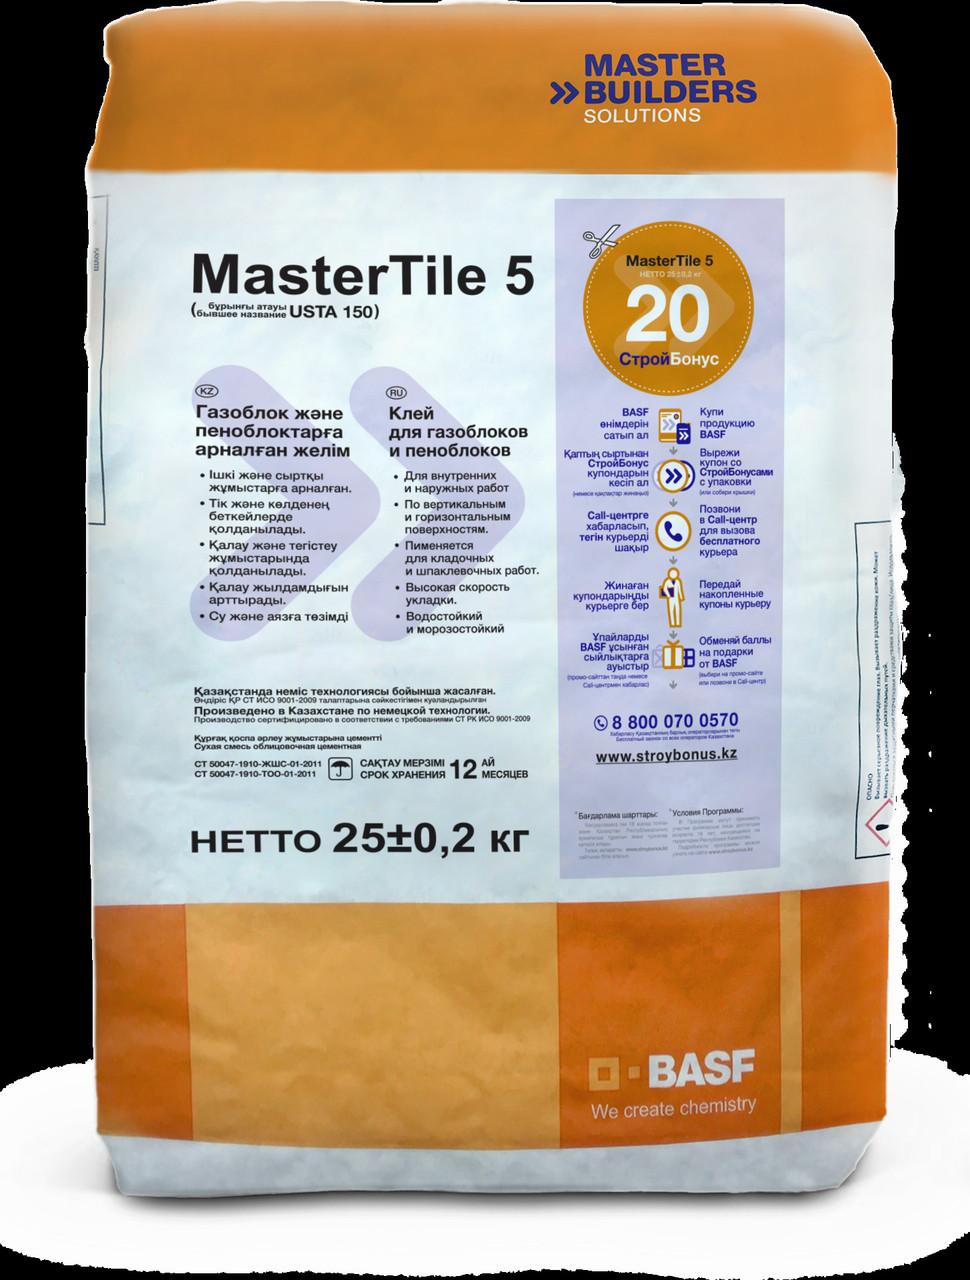 MasterTile DF 560 NT (MASTERTILE 560 NT) WHITE